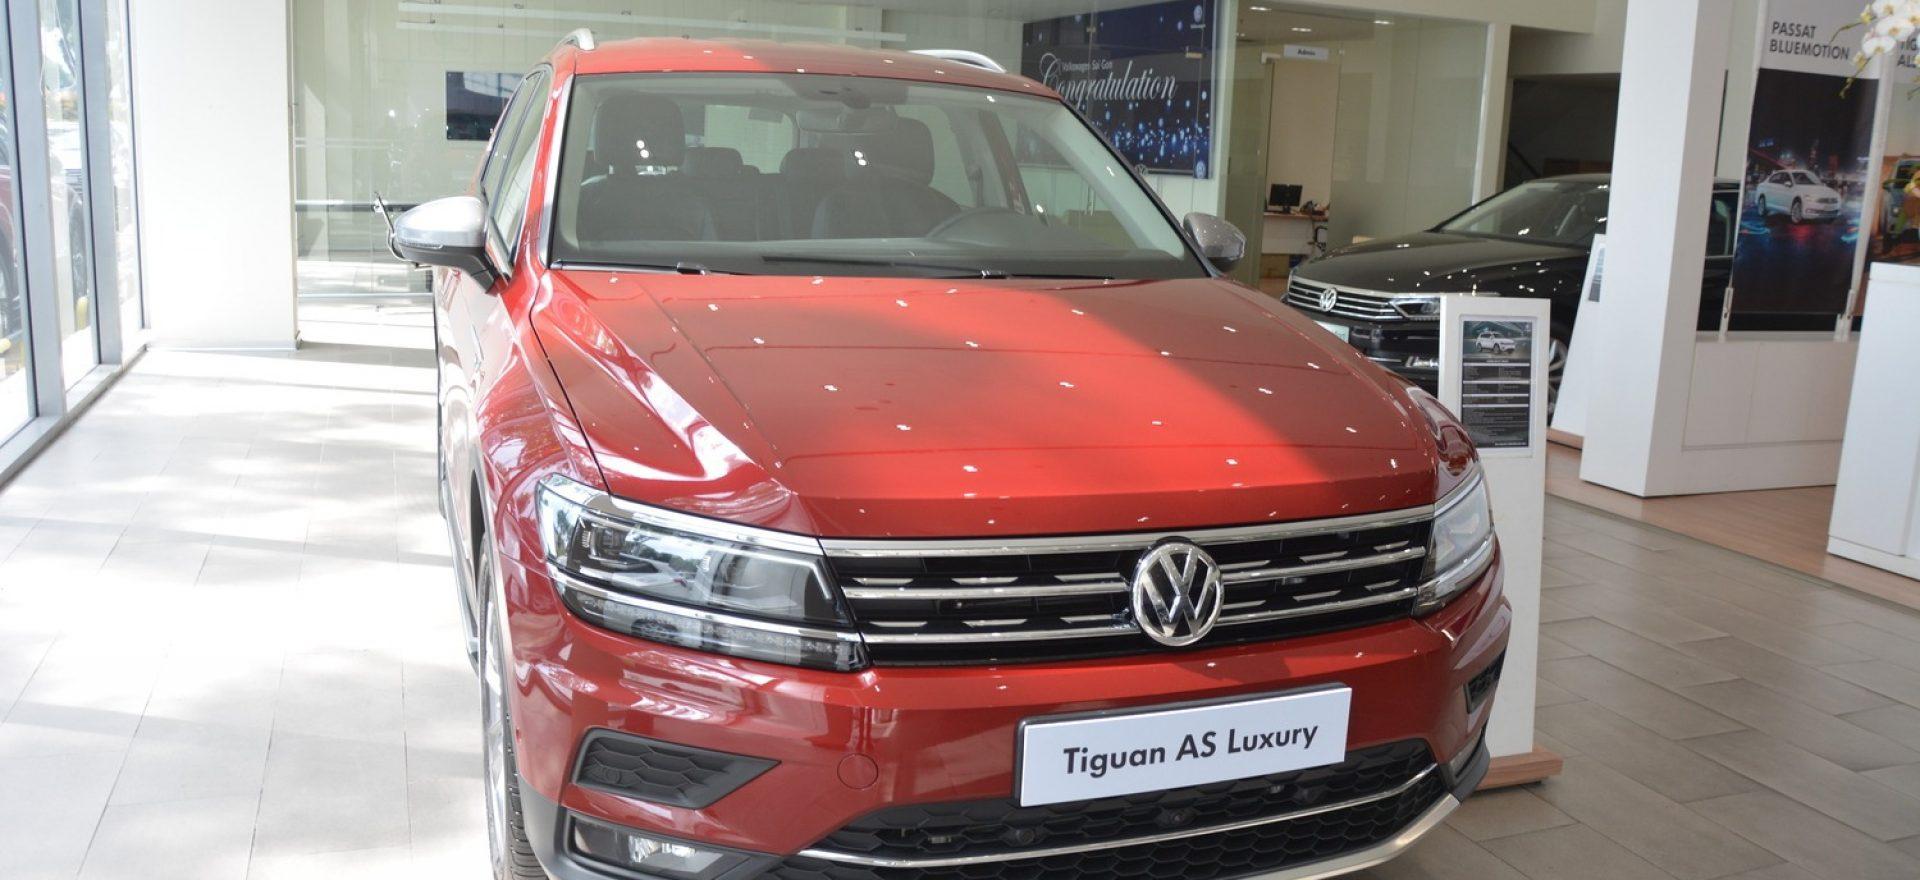 gia-xe-tiguan-luxury-2020-mau-do